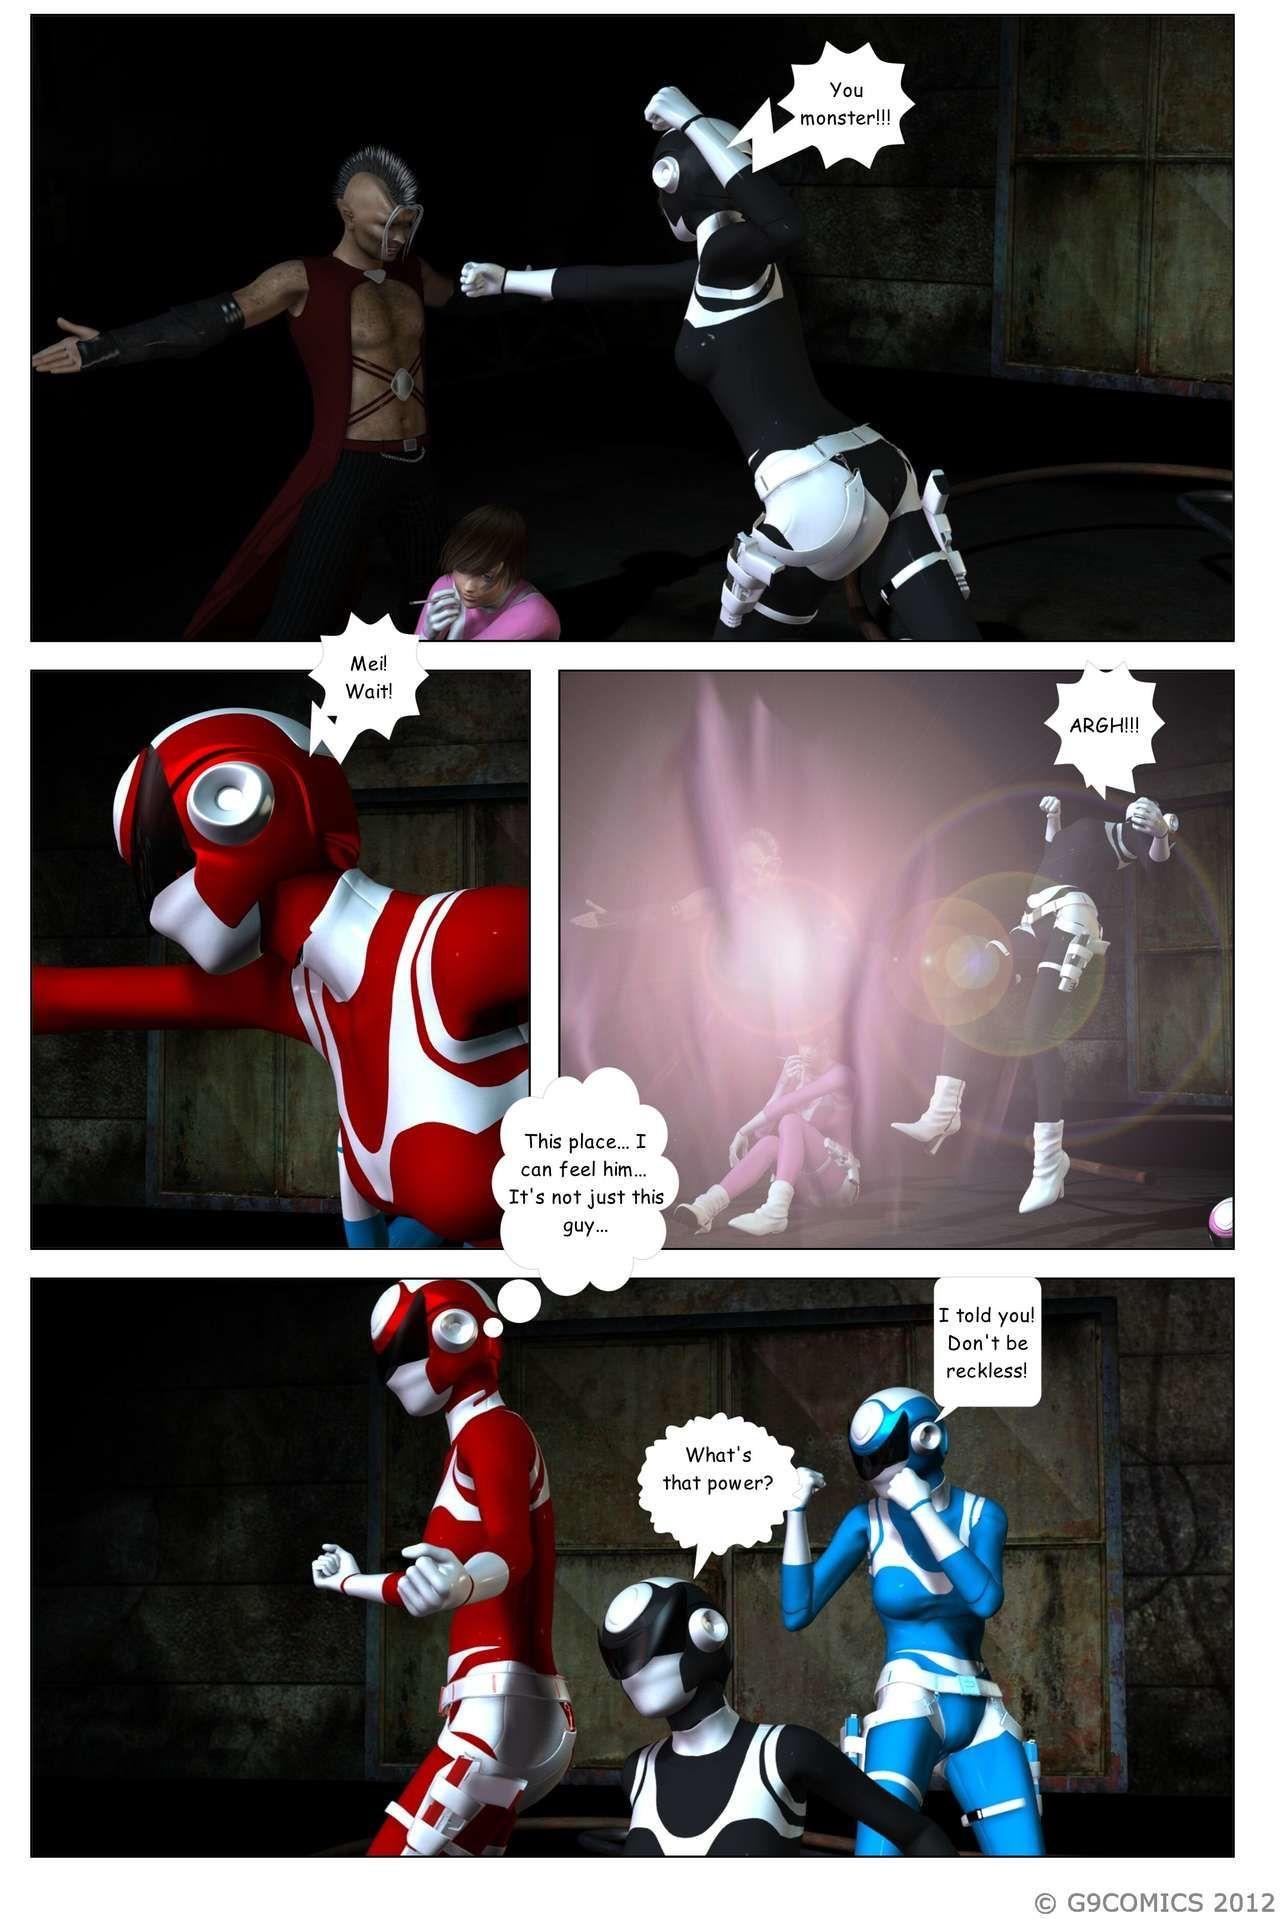 [G9Comics (galford9)] GAIA Rangers (Shadow Rangers 2): Book 4 - part 4